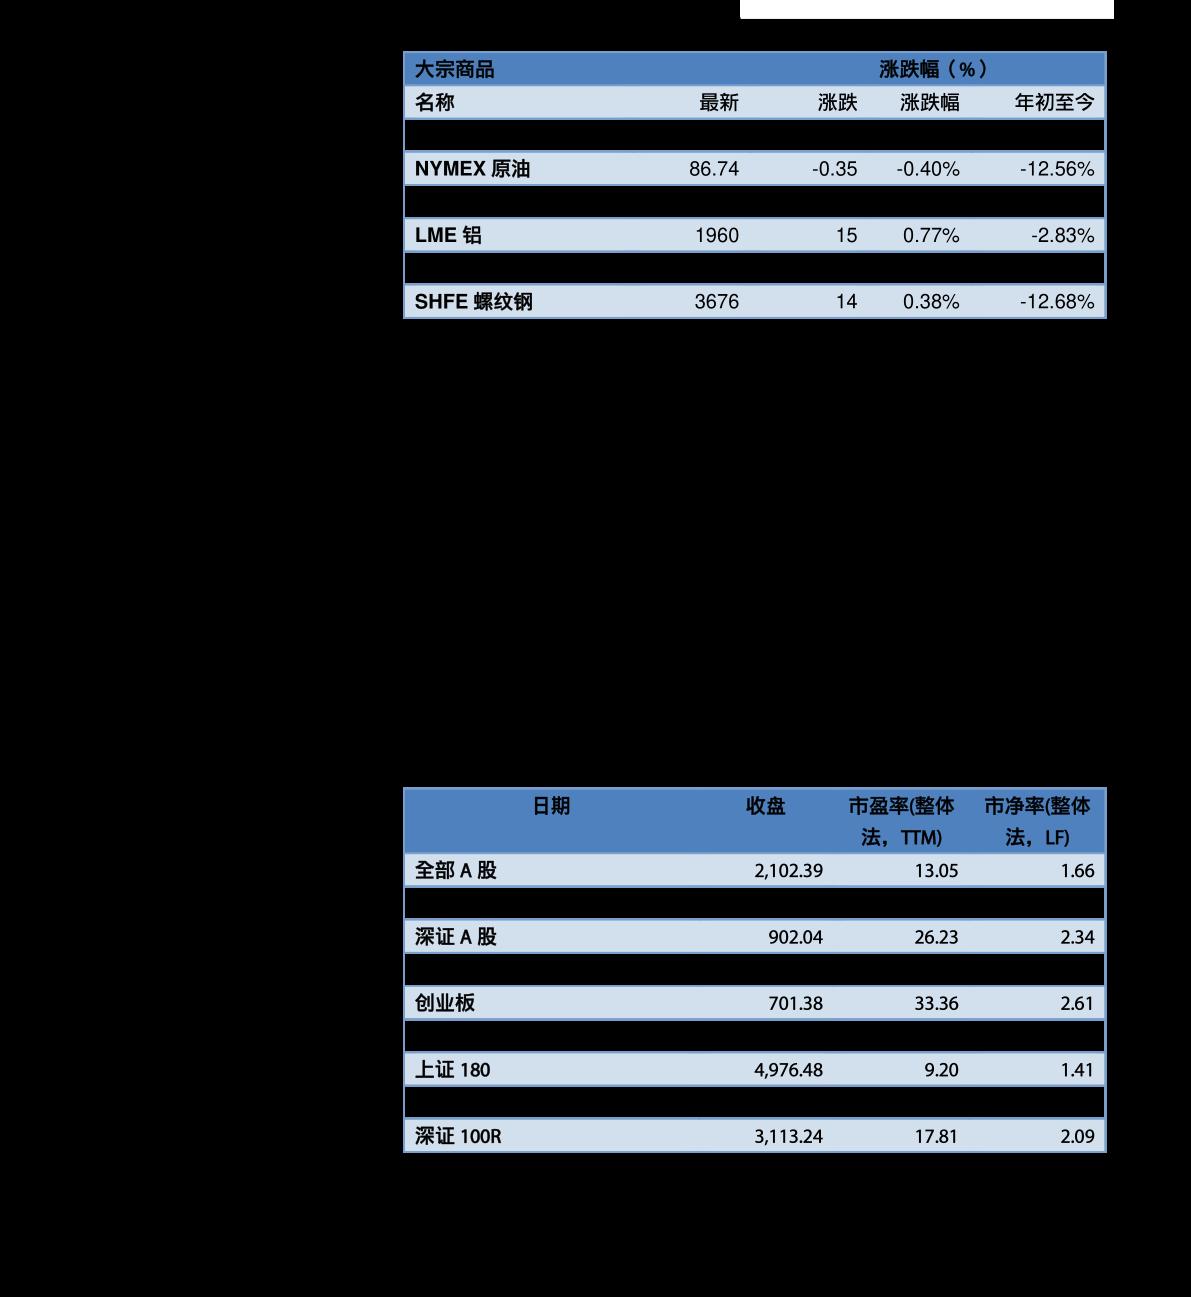 南华雷火竞猜app-股指雷火竞猜app日报:期指重回上涨通道-210112